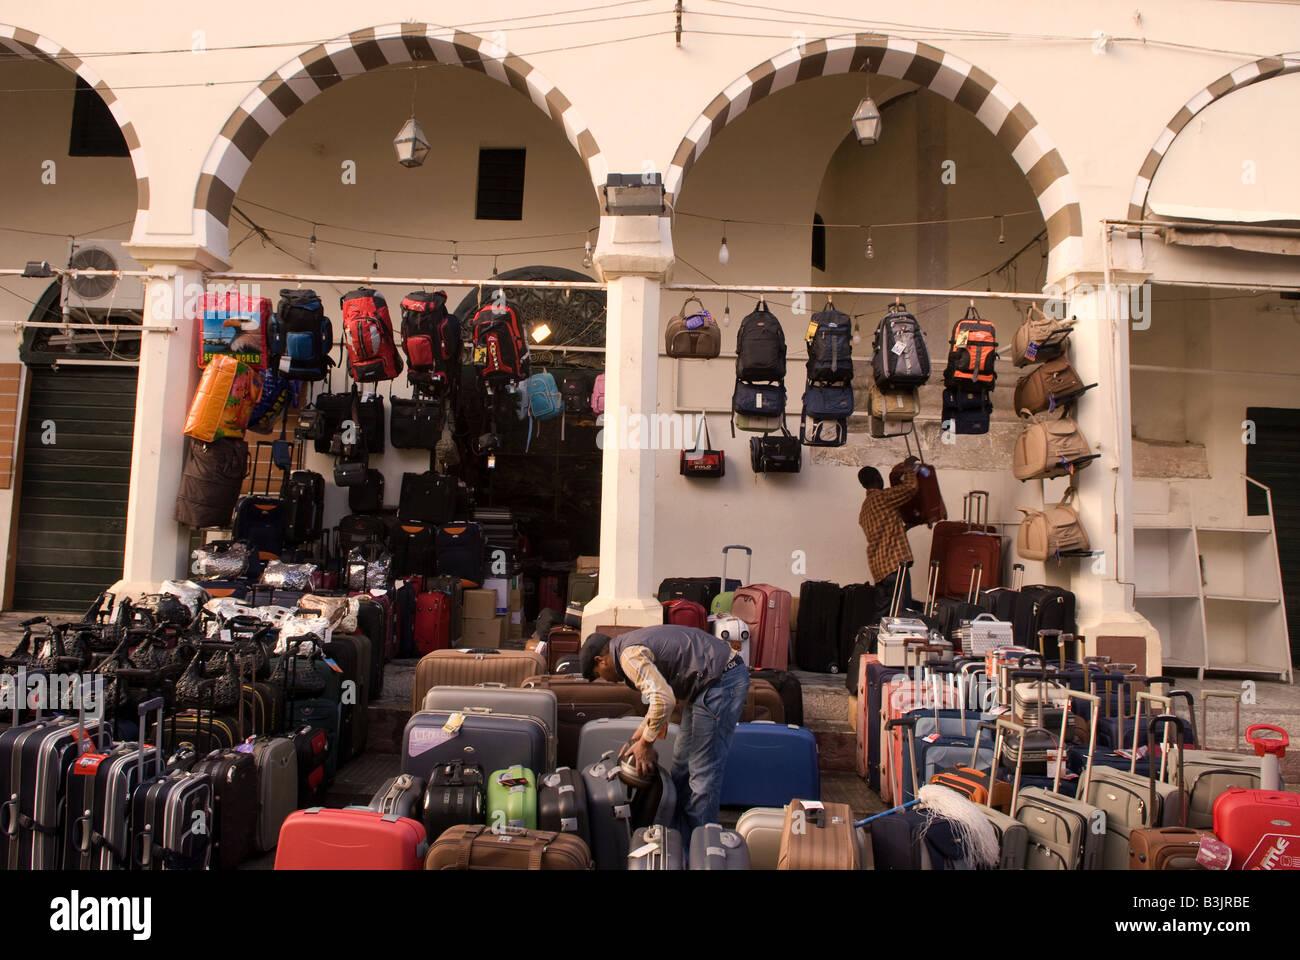 Souq Al Mushir Stock Photos & Souq Al Mushir Stock Images - Alamy